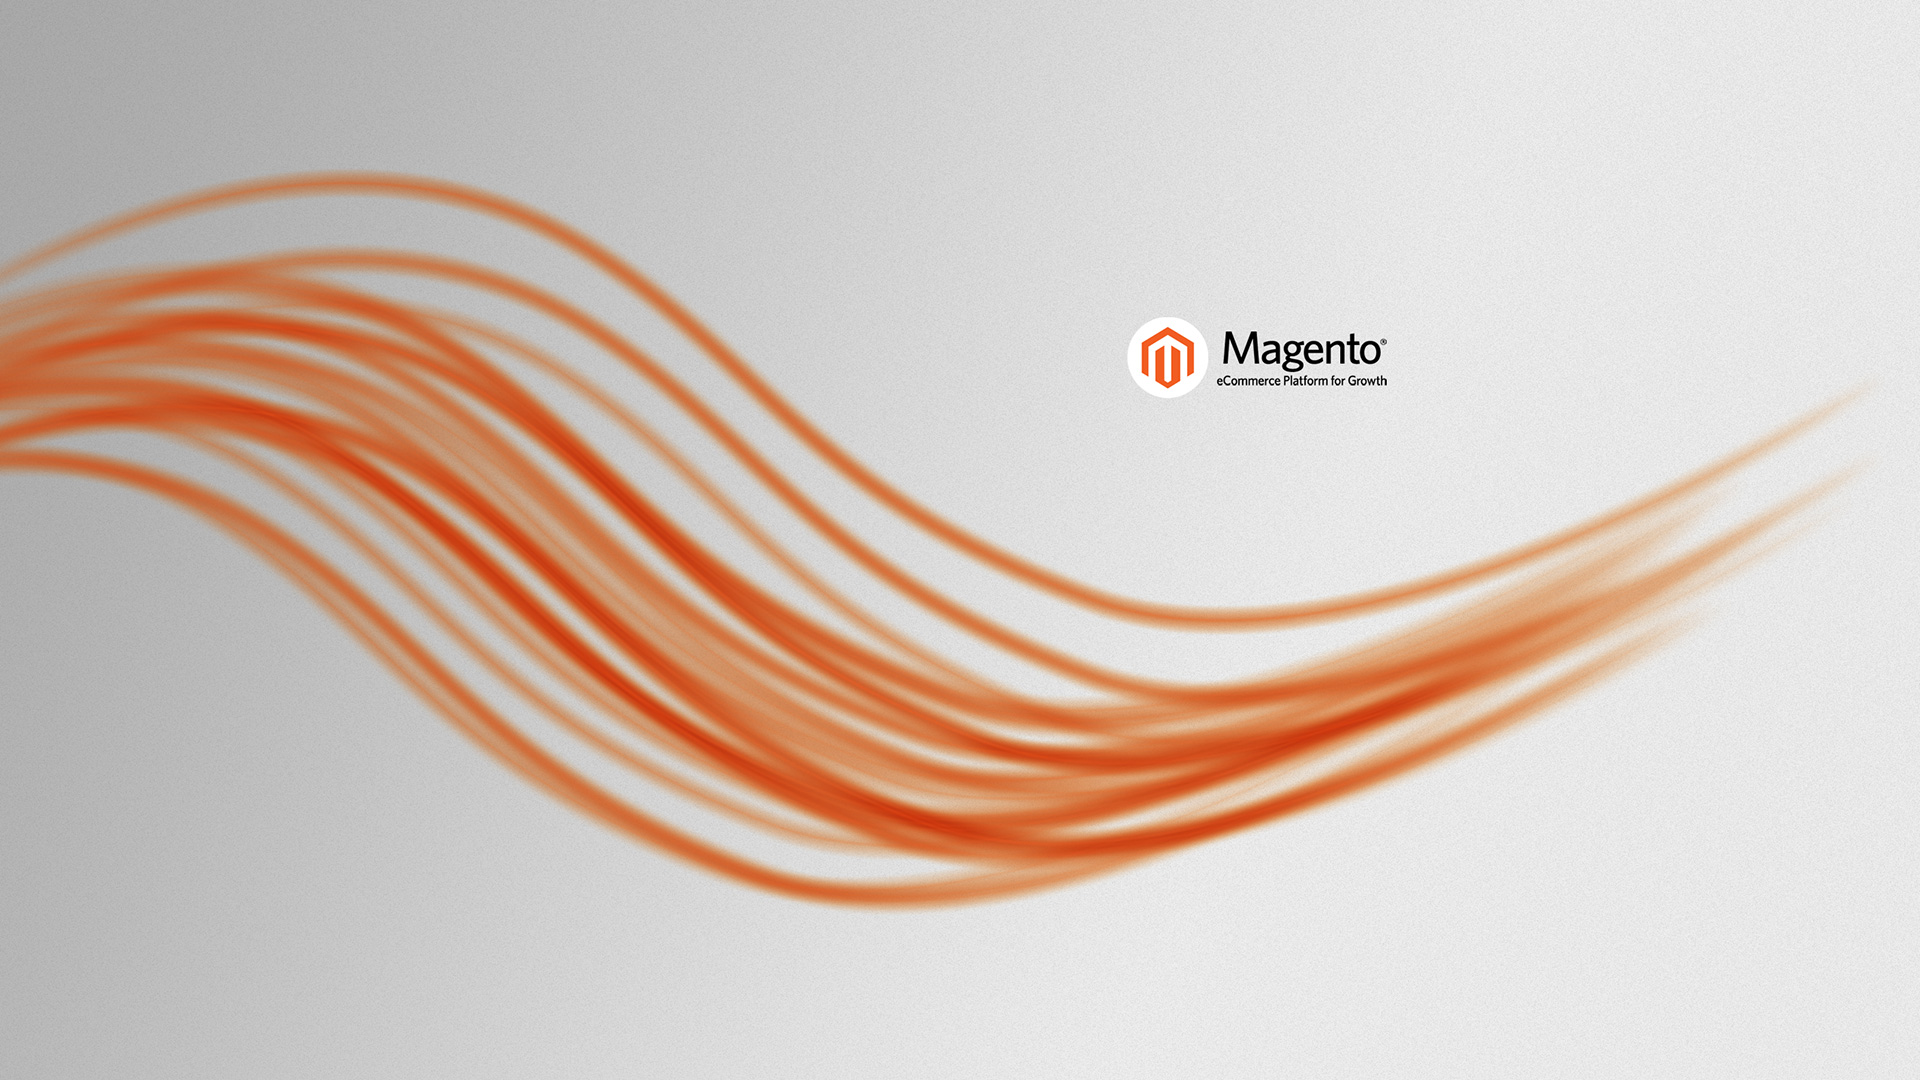 magento_flow_light_1920x1080